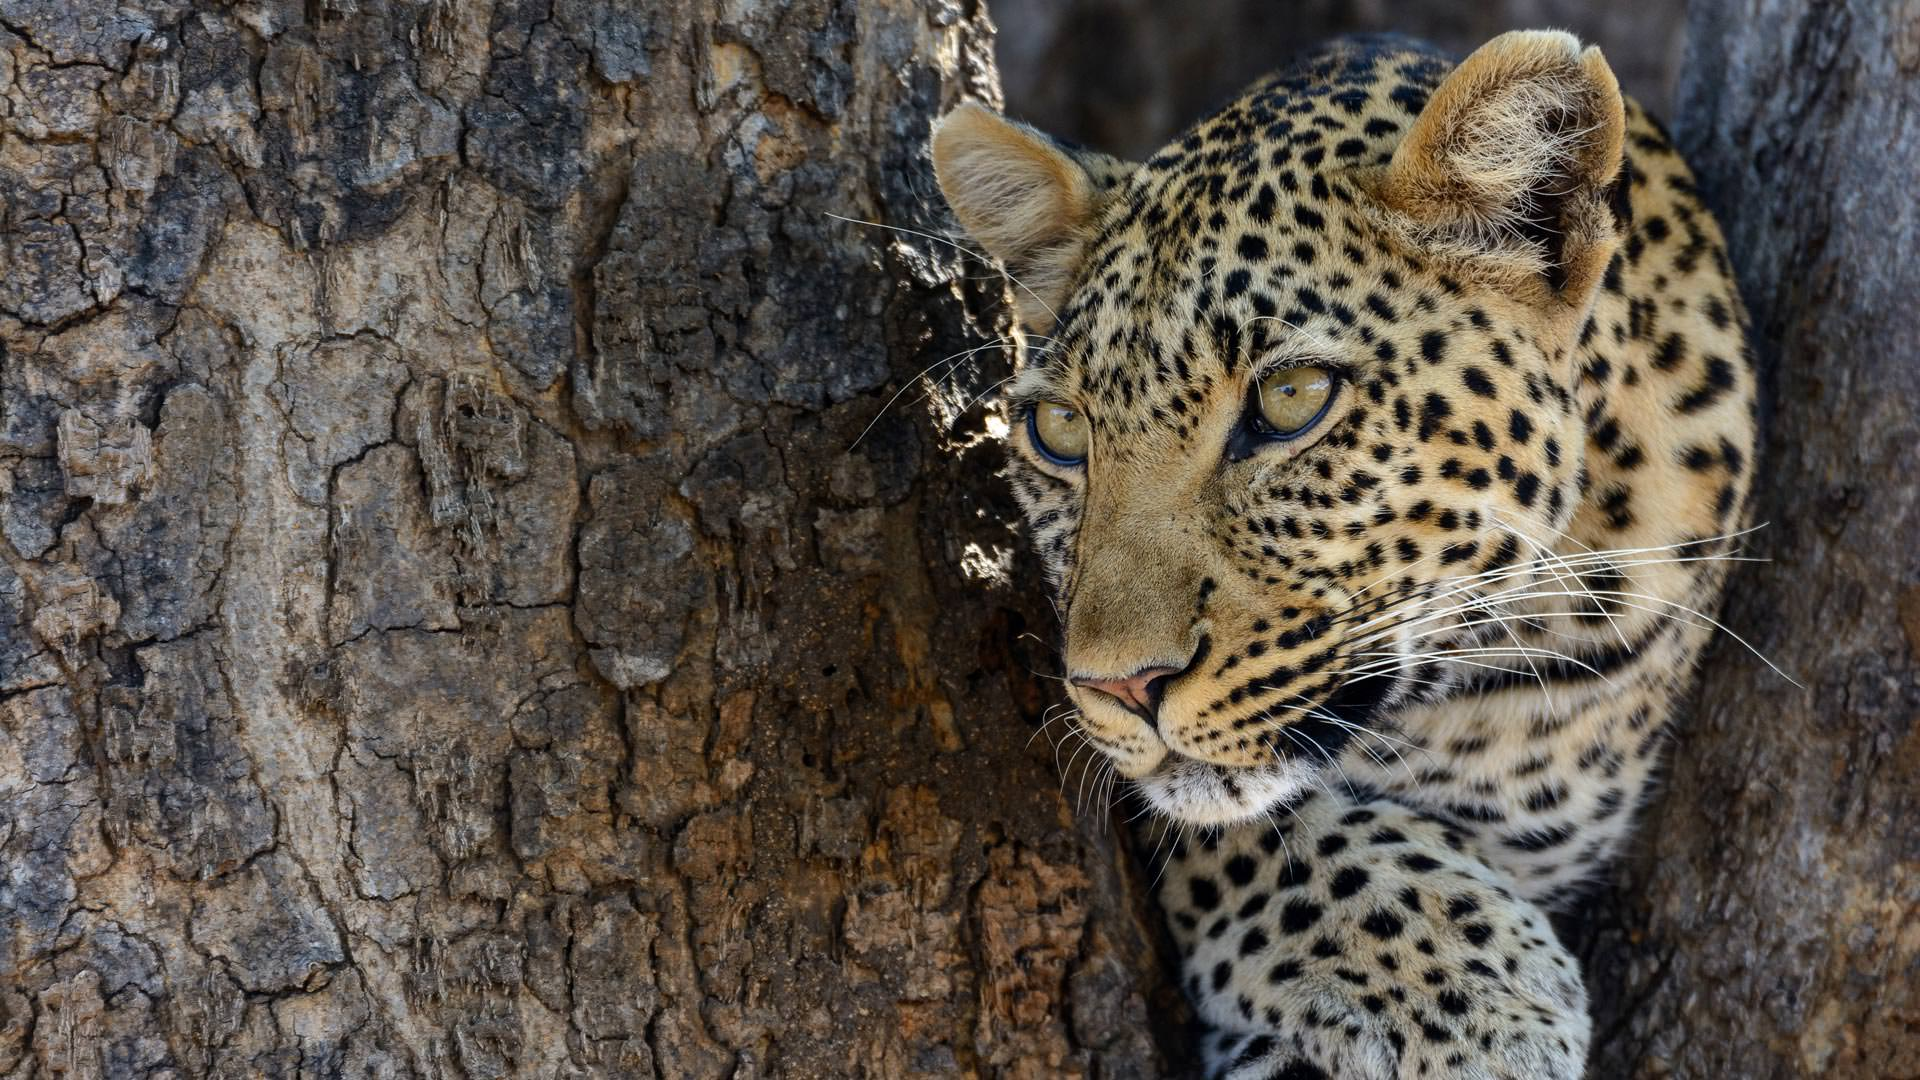 Leopard near Jabali Ridge